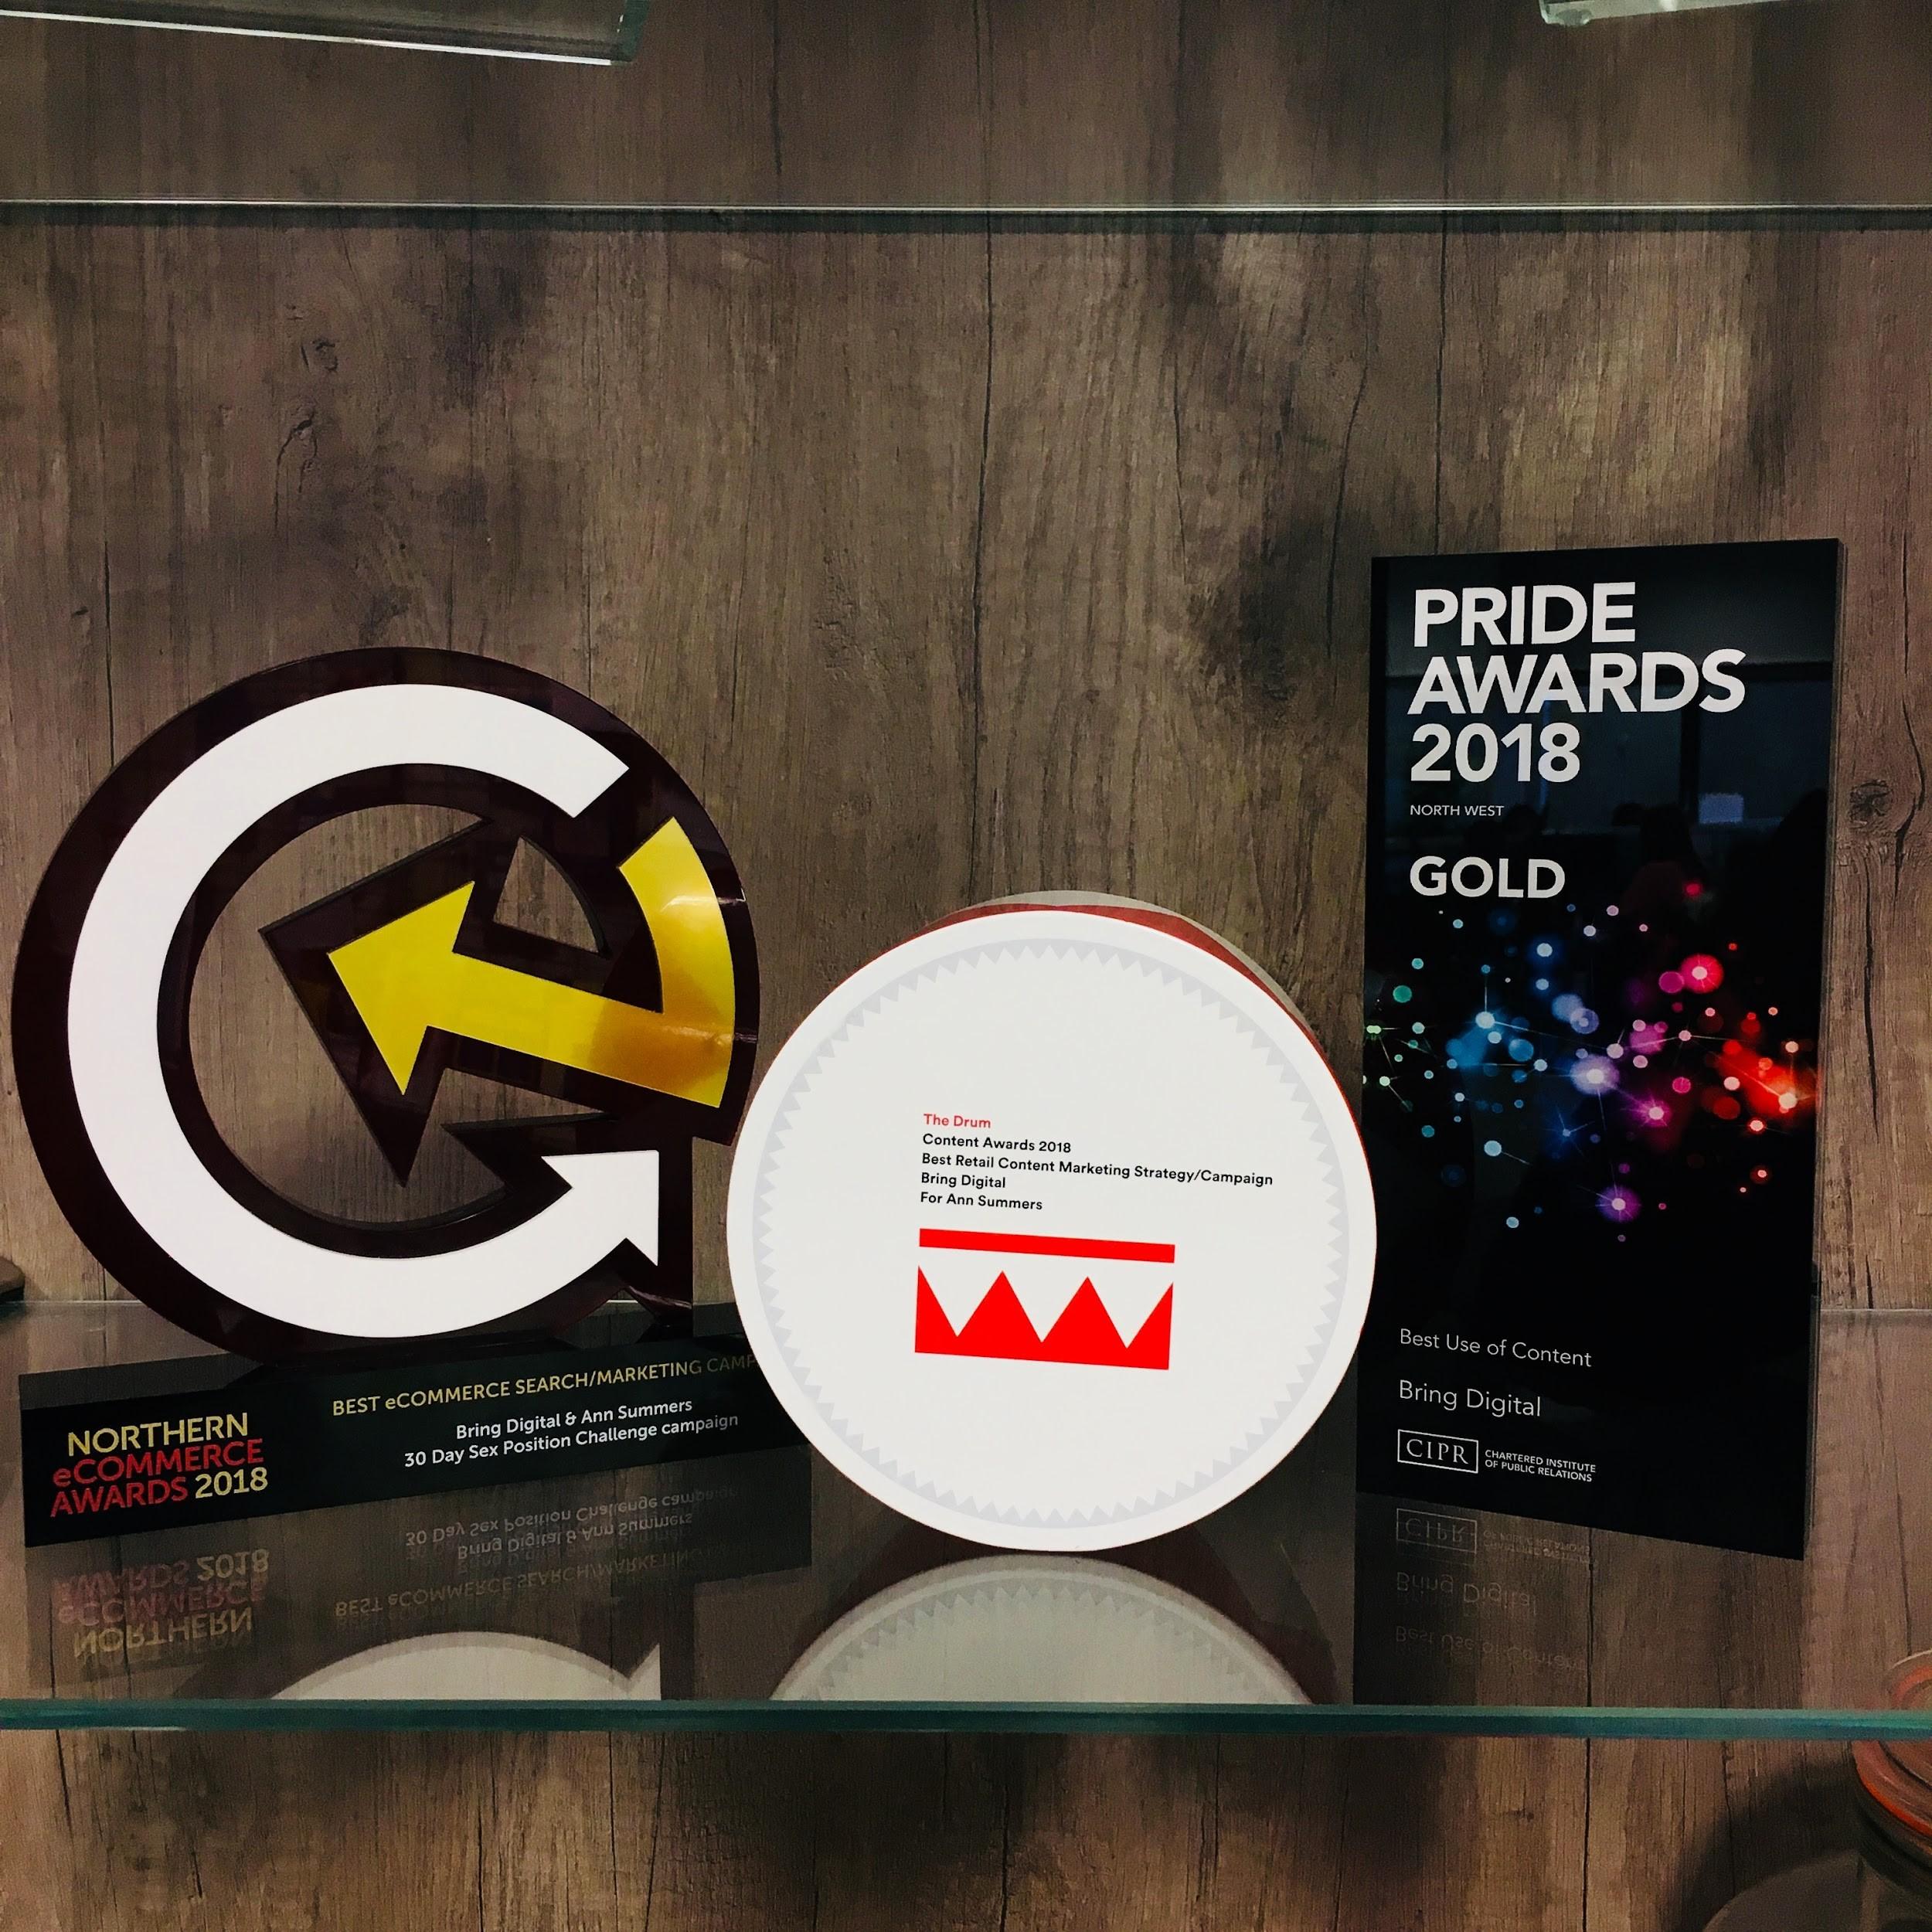 3 awards for Bring Digital